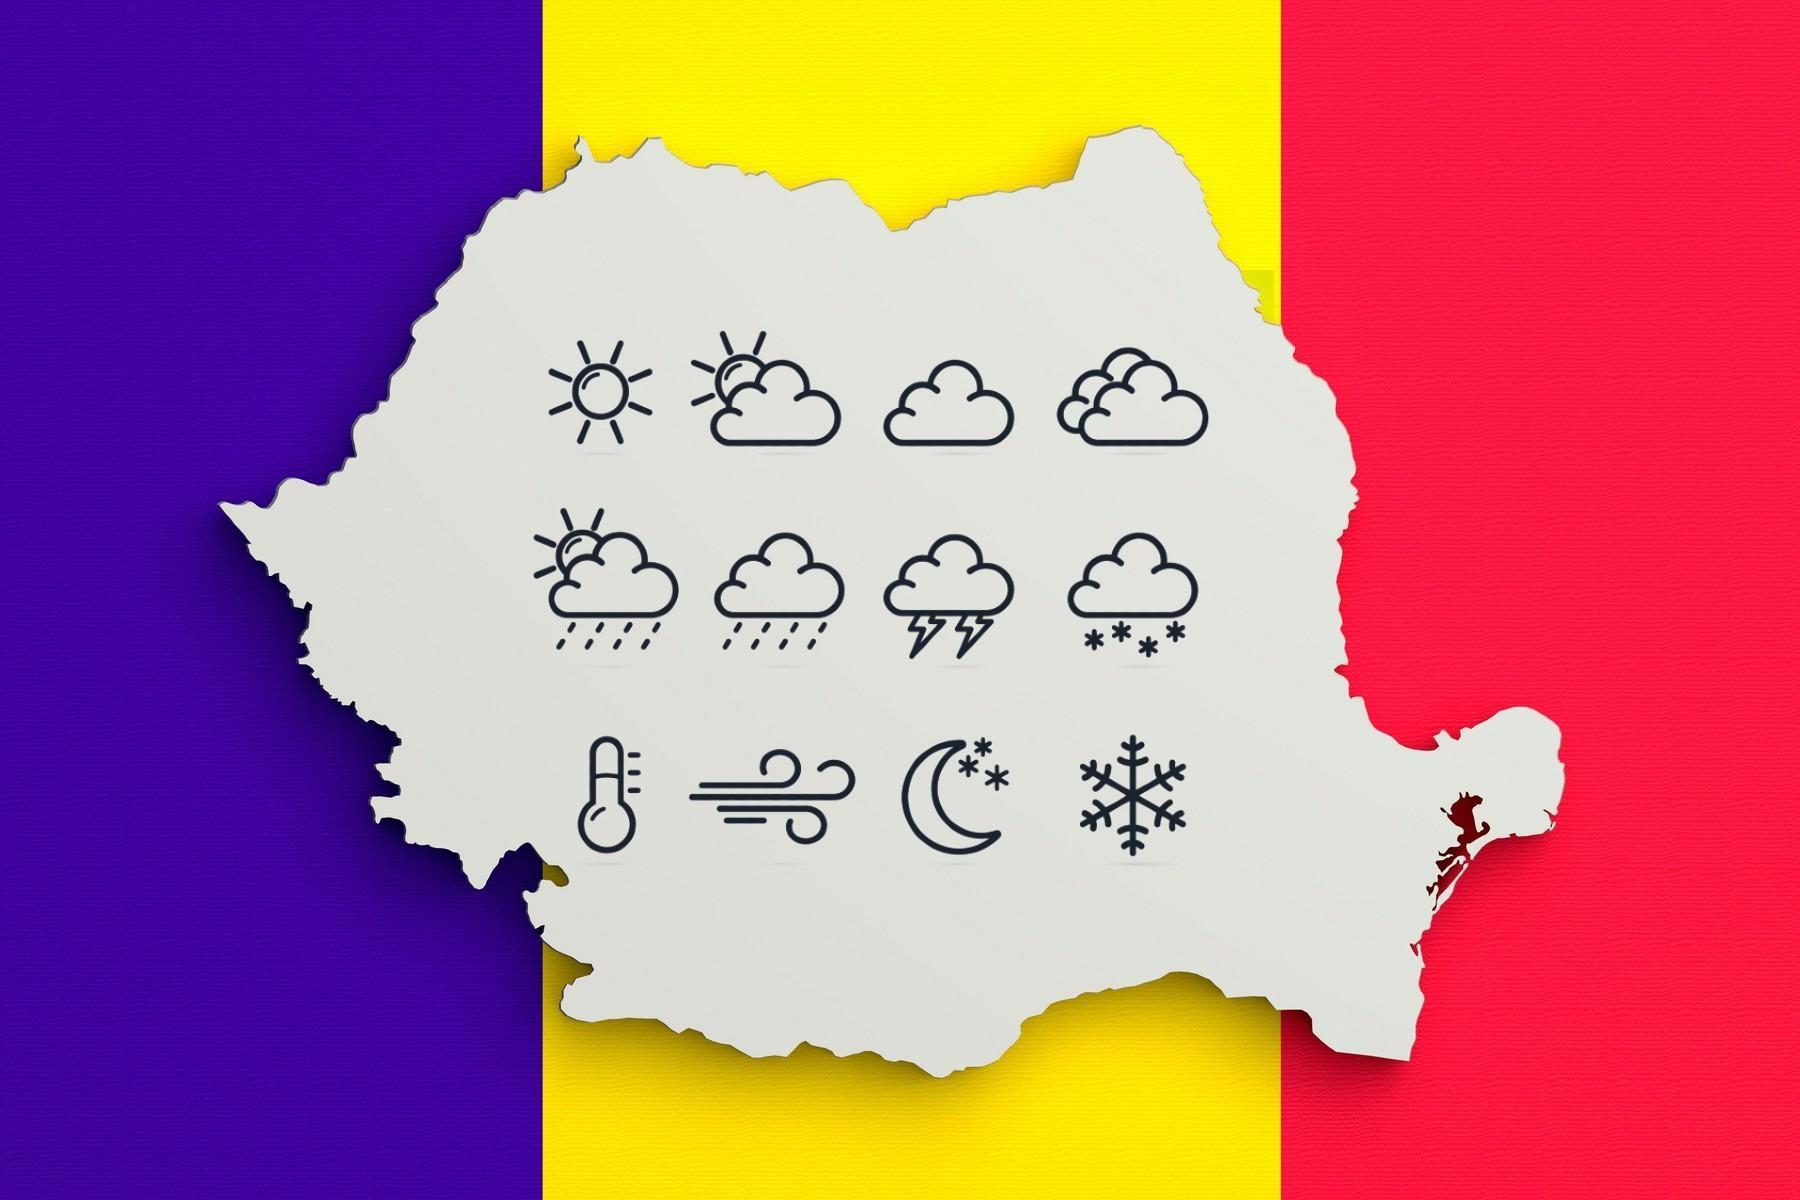 Prognoză meteo 28 octombrie 2020. Cum e vremea în România și care sunt previziunile ANM pentru astăzi